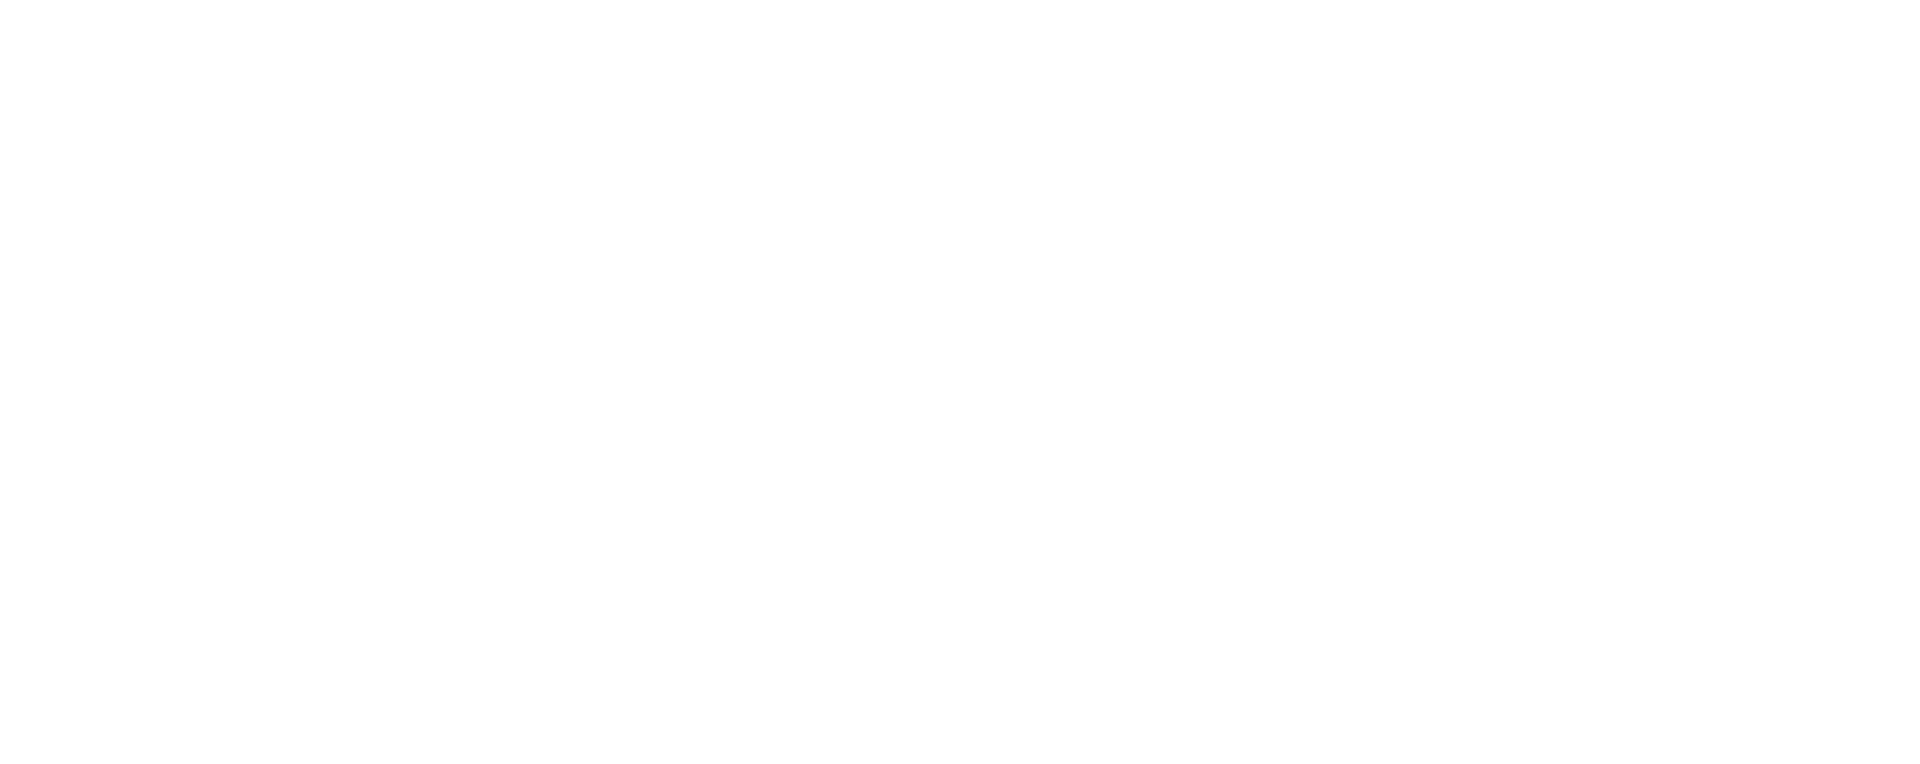 BuzzSumoAcademy